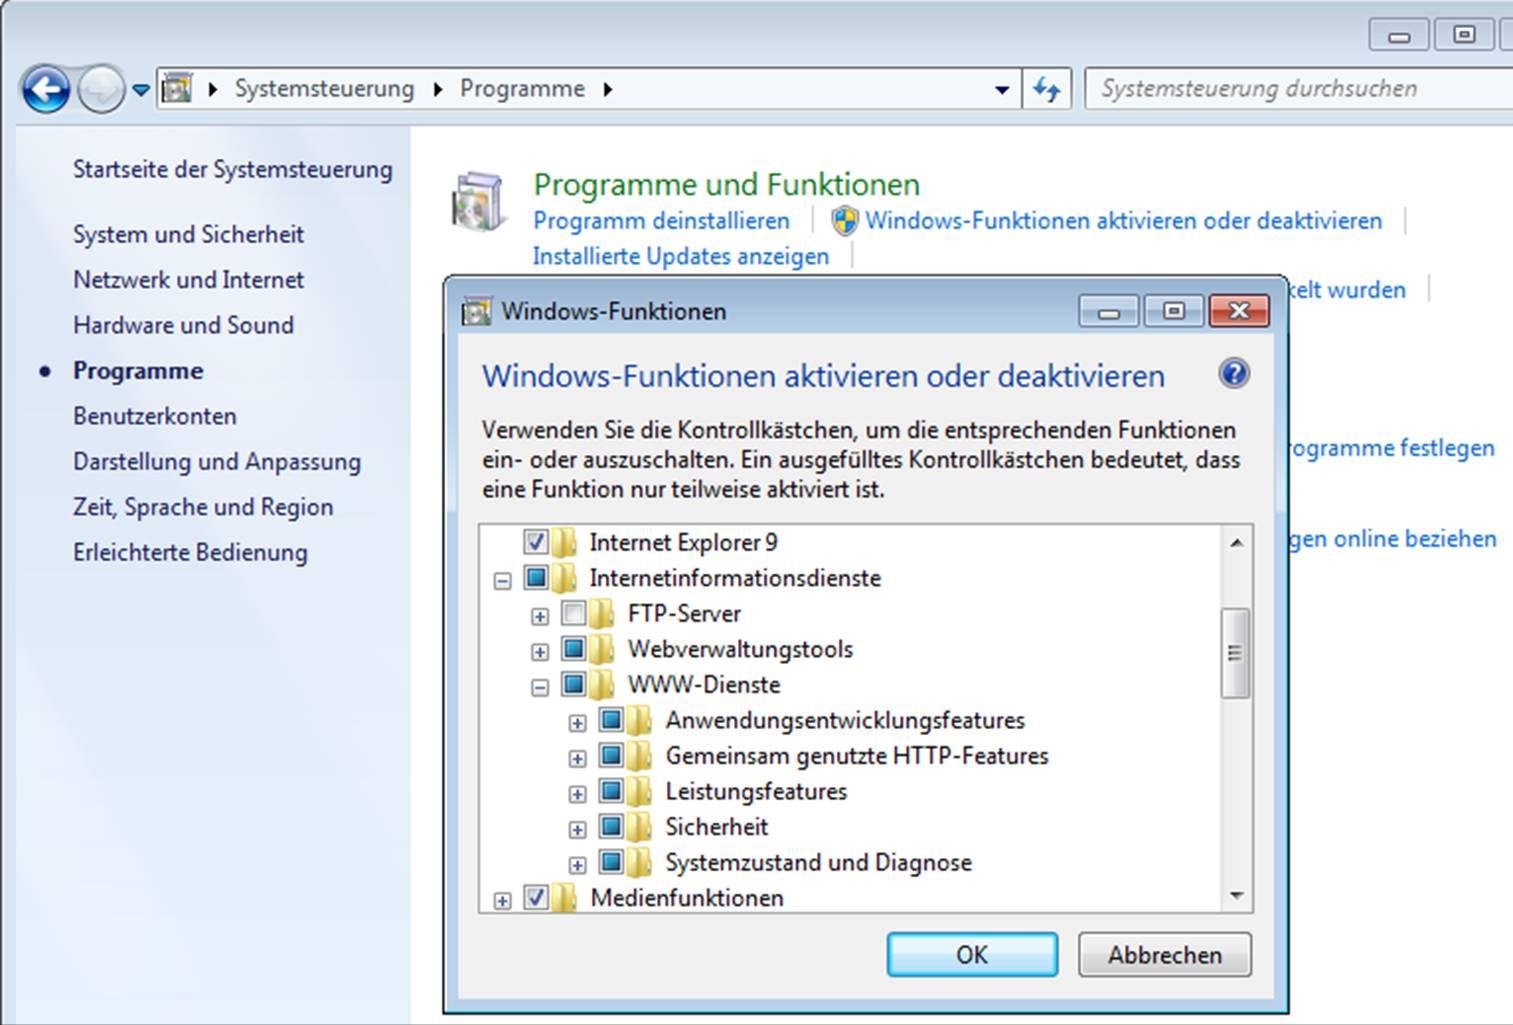 installiertes programm wird nicht angezeigt